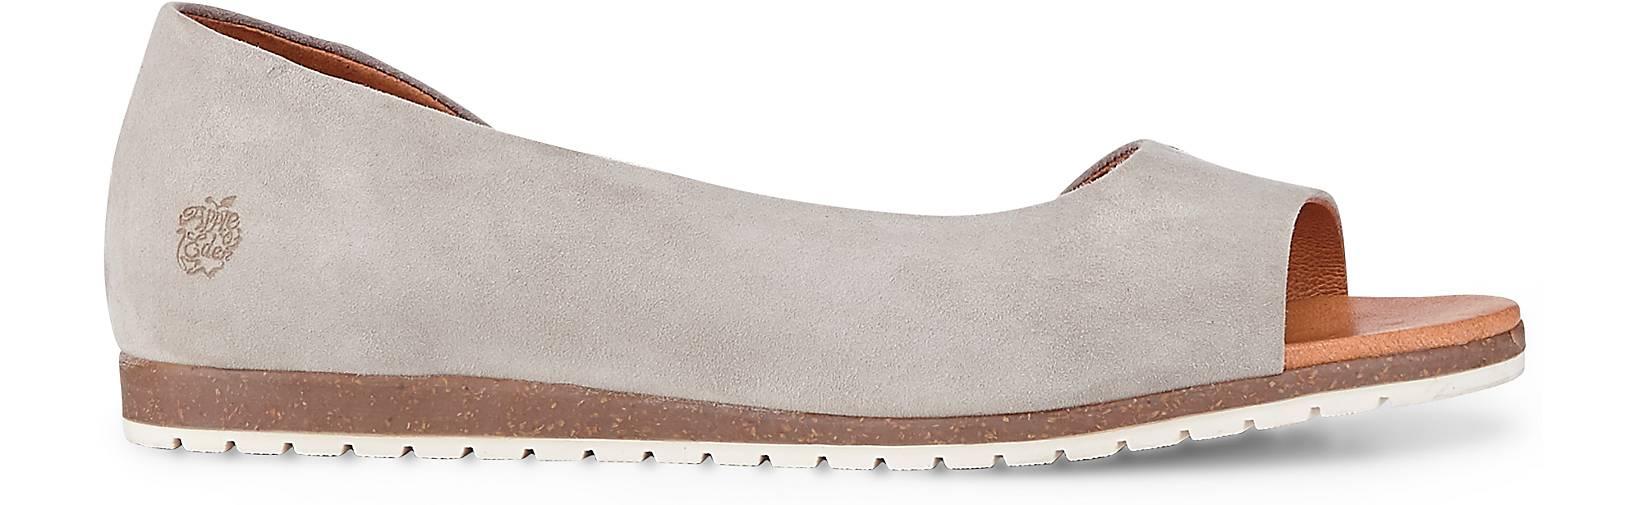 Apple of kaufen Eden Veloursleder-Sandale in grau-hell kaufen of - 48071601 | GÖRTZ Gute Qualität beliebte Schuhe f65c8d